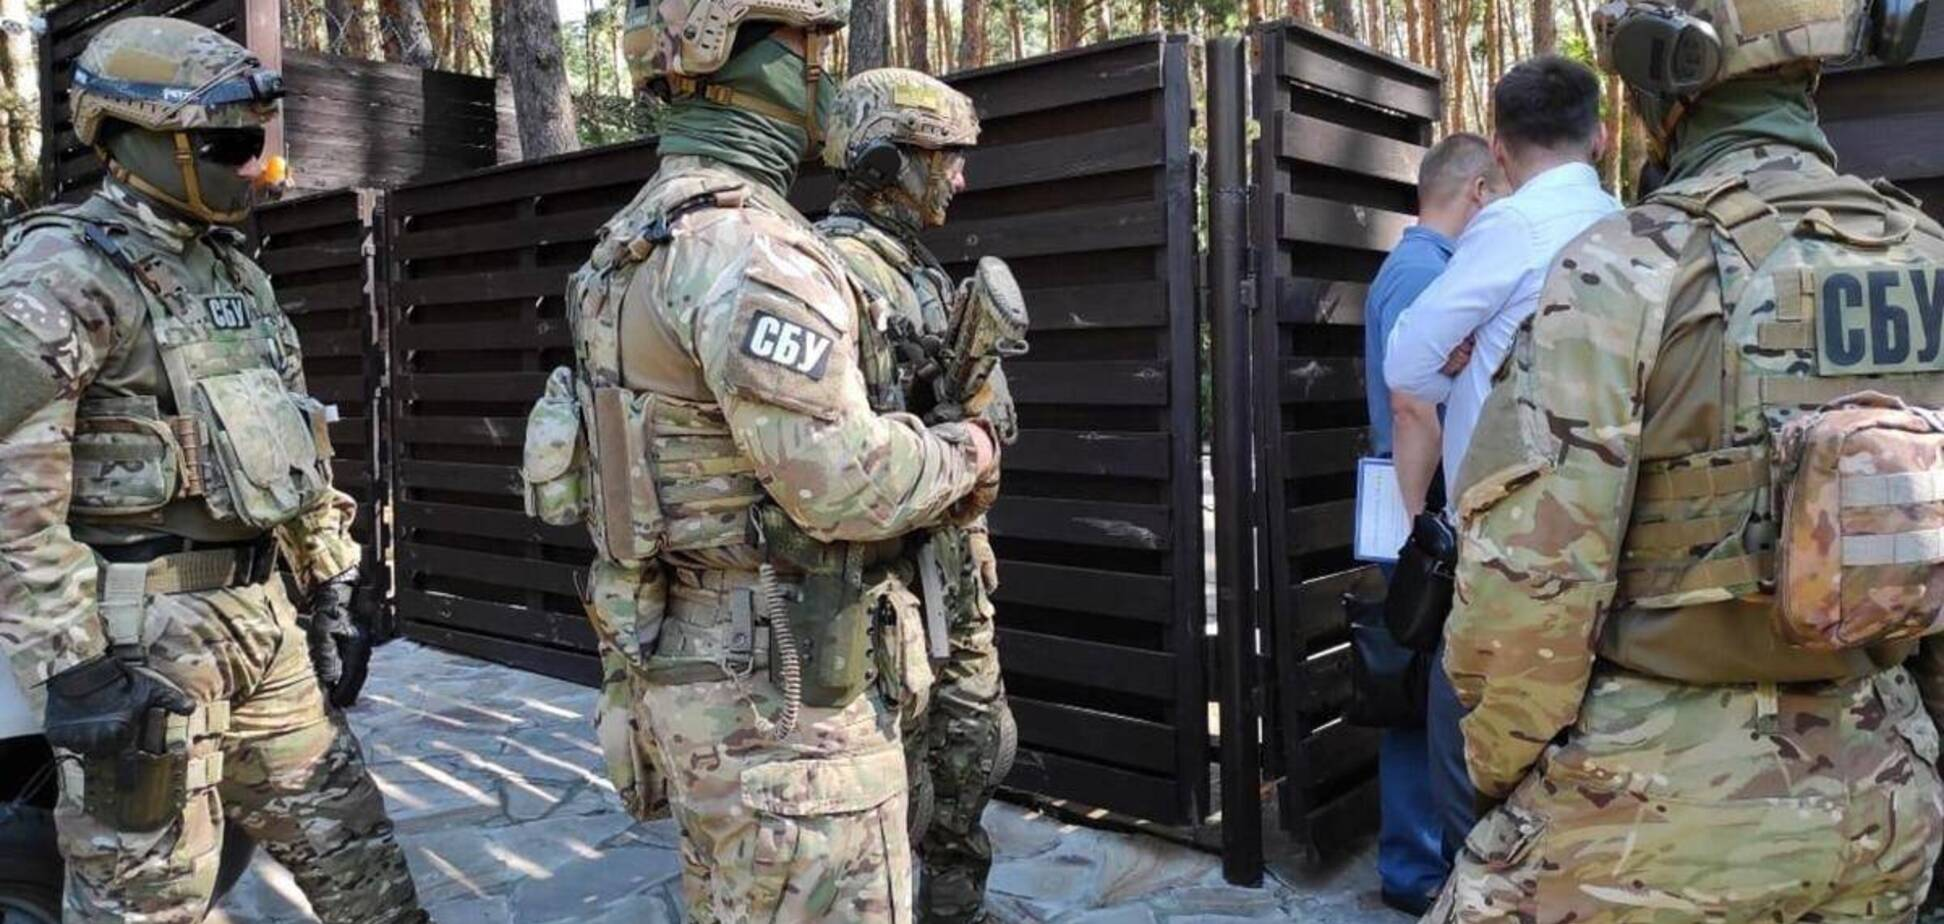 На Харьковщине разоблачили группировку криминального авторитета 'Князя'. Фото